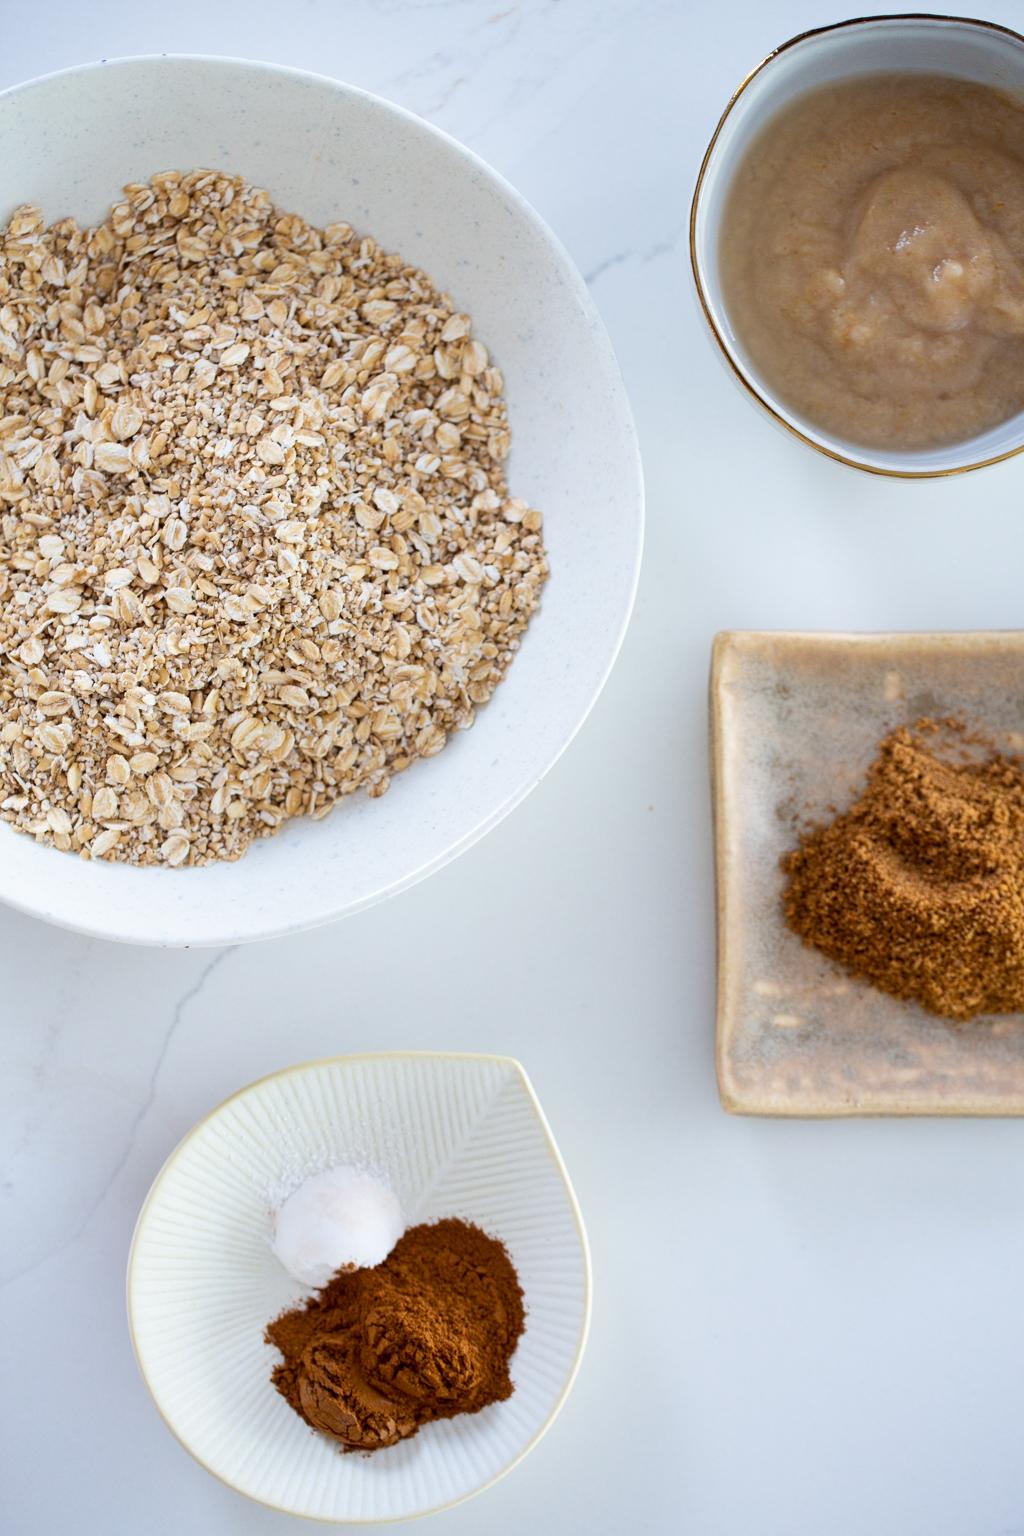 ingredientes para hacer pancakes de desayuno